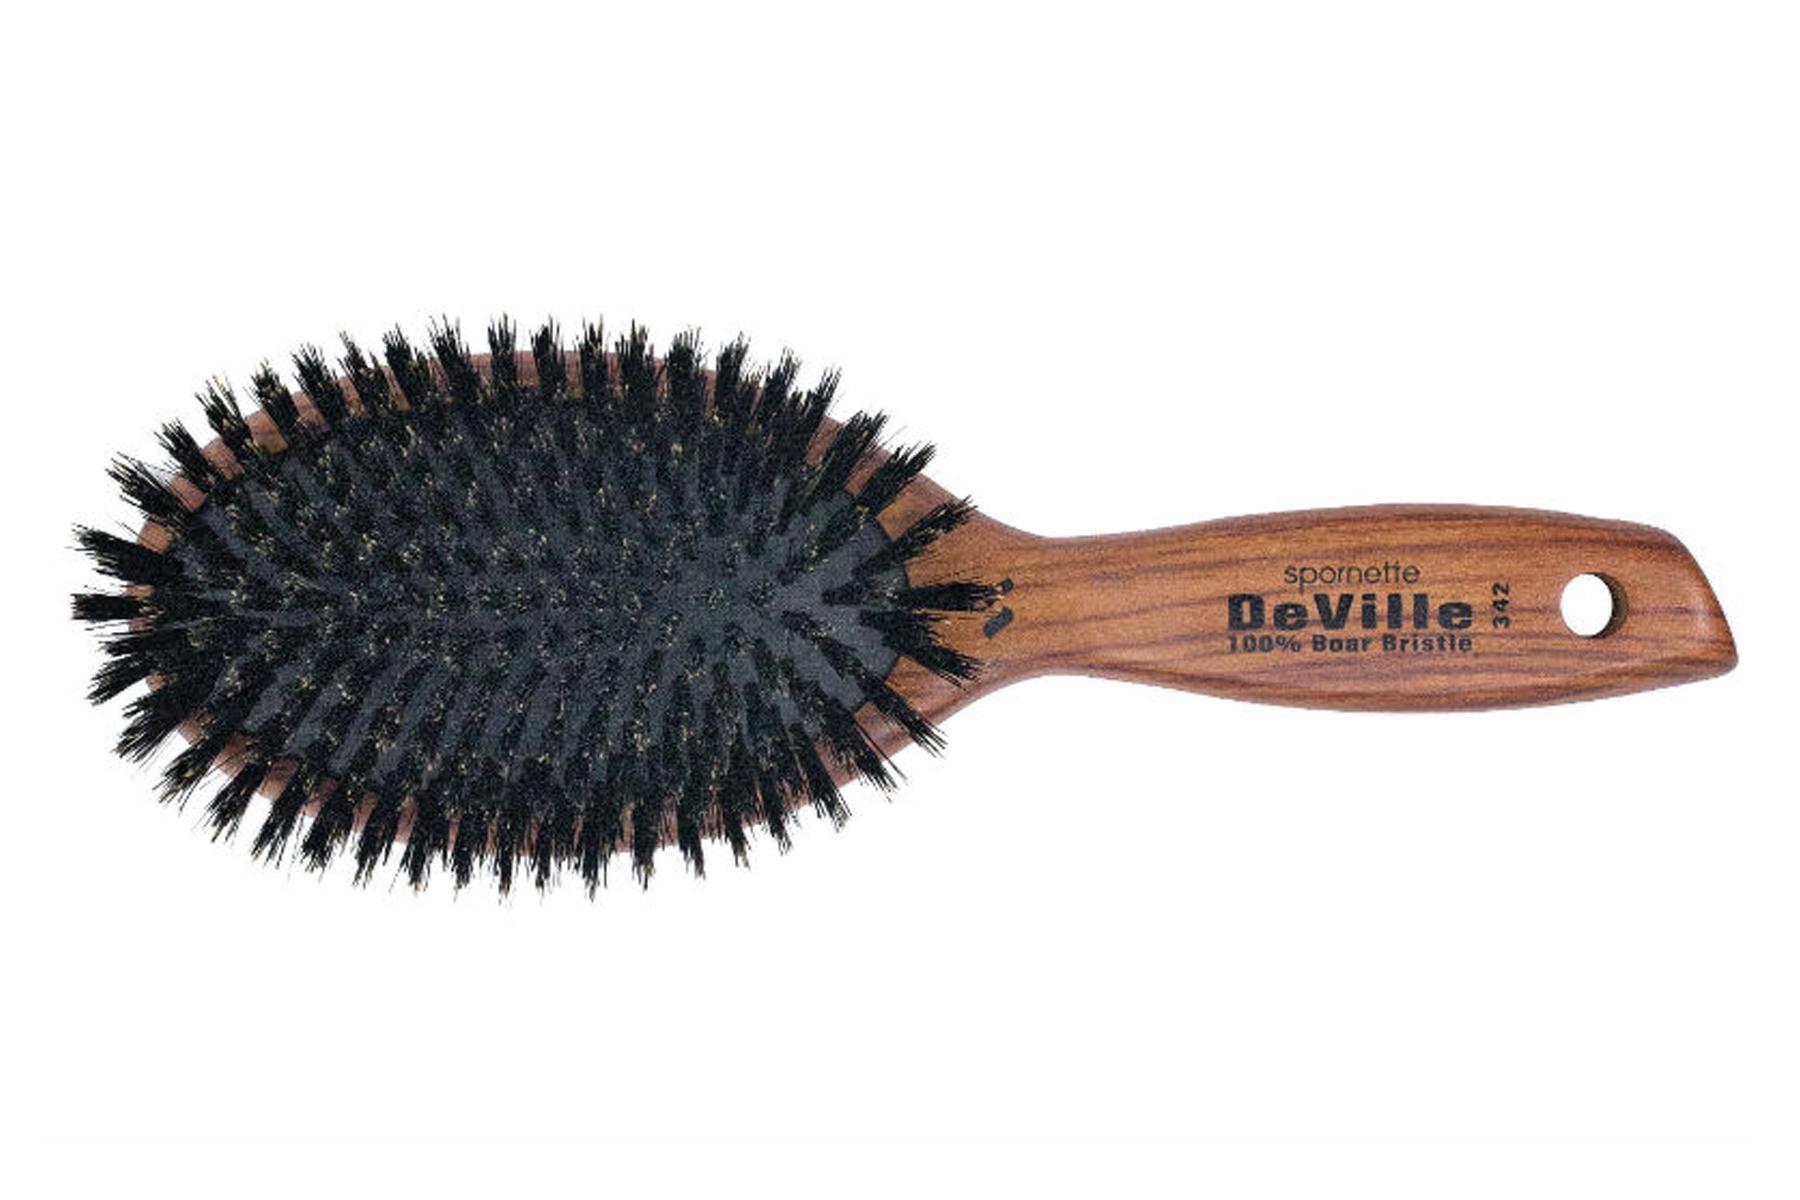 Best Hairbrush For Thin Fragile Hair